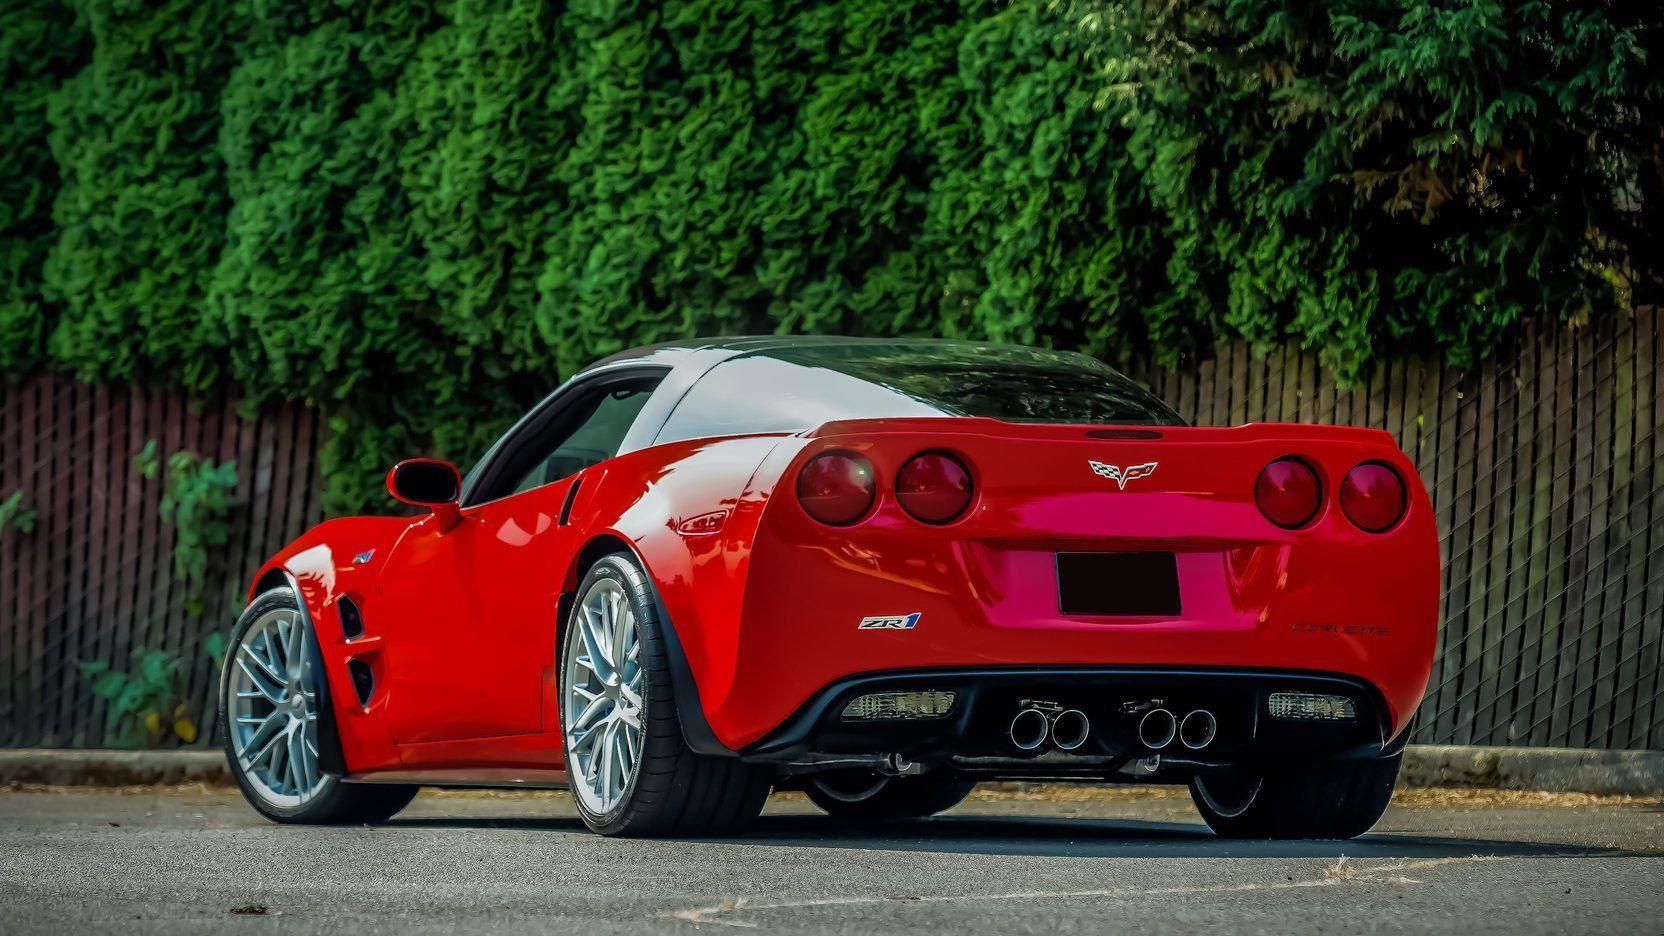 2010 Chevrolet Corvette ZR1 | Corvettes | Corvette zr1